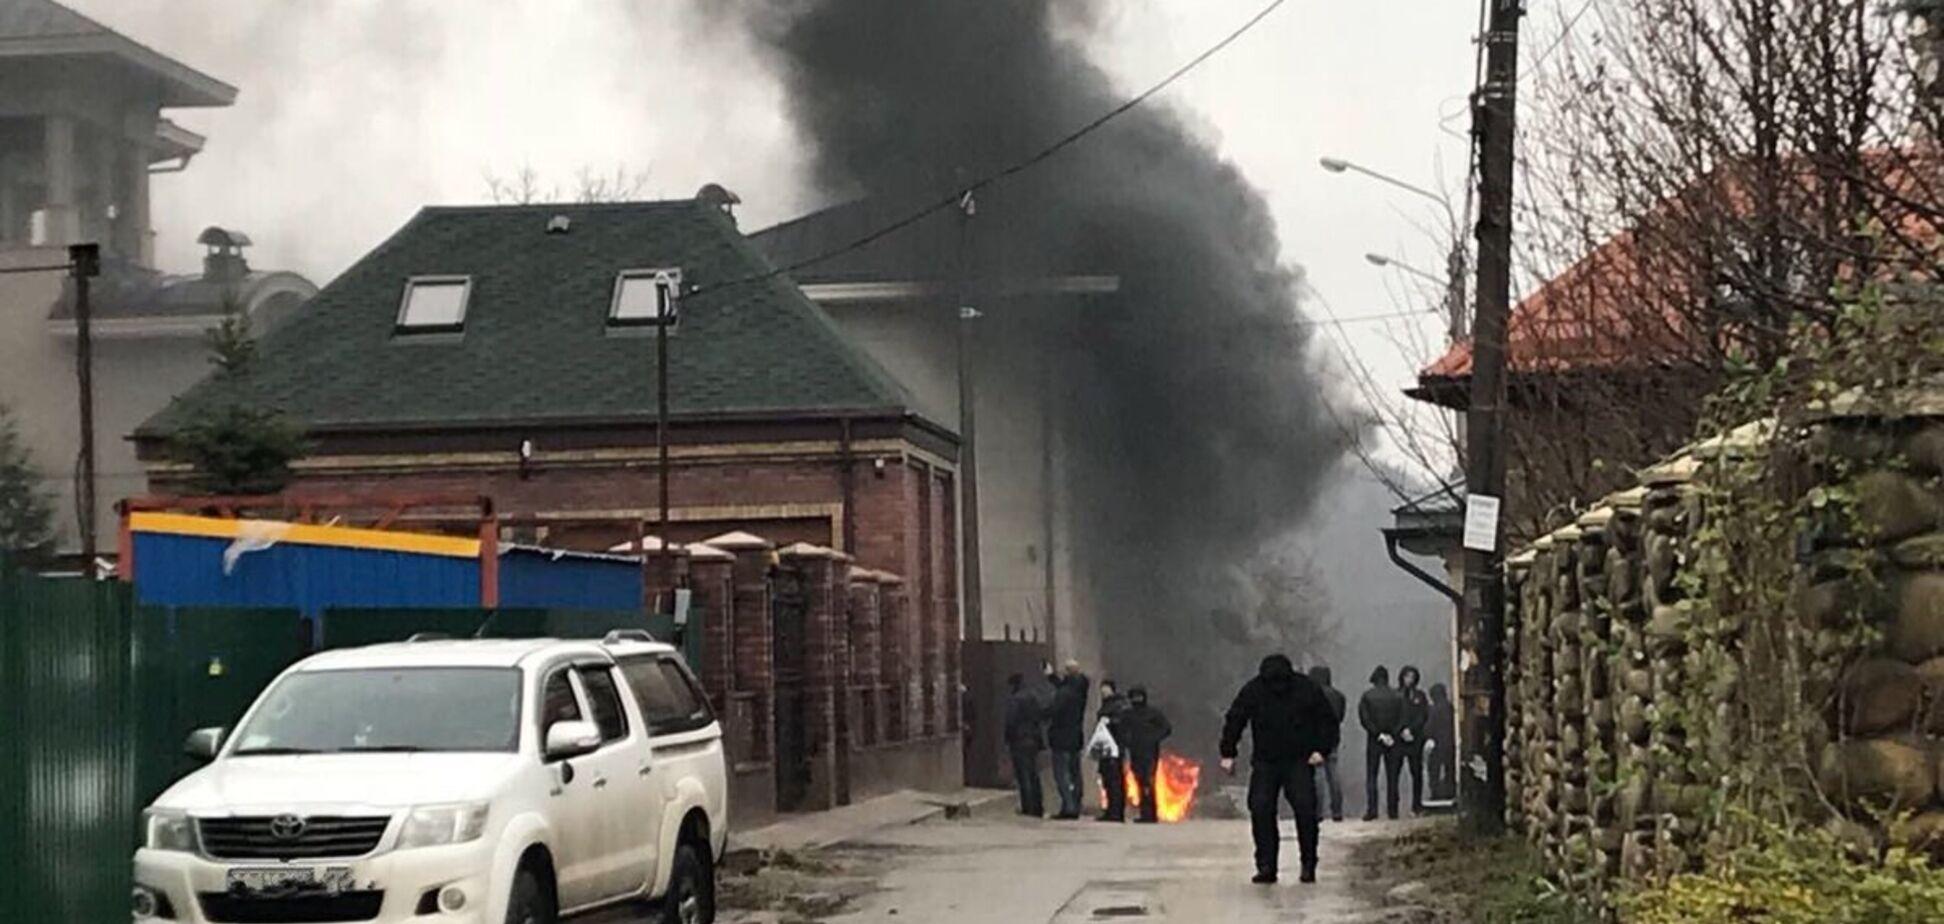 'Я громадянин Ізраїлю': екс-соратник Януковича відреагував на підпали в Києві